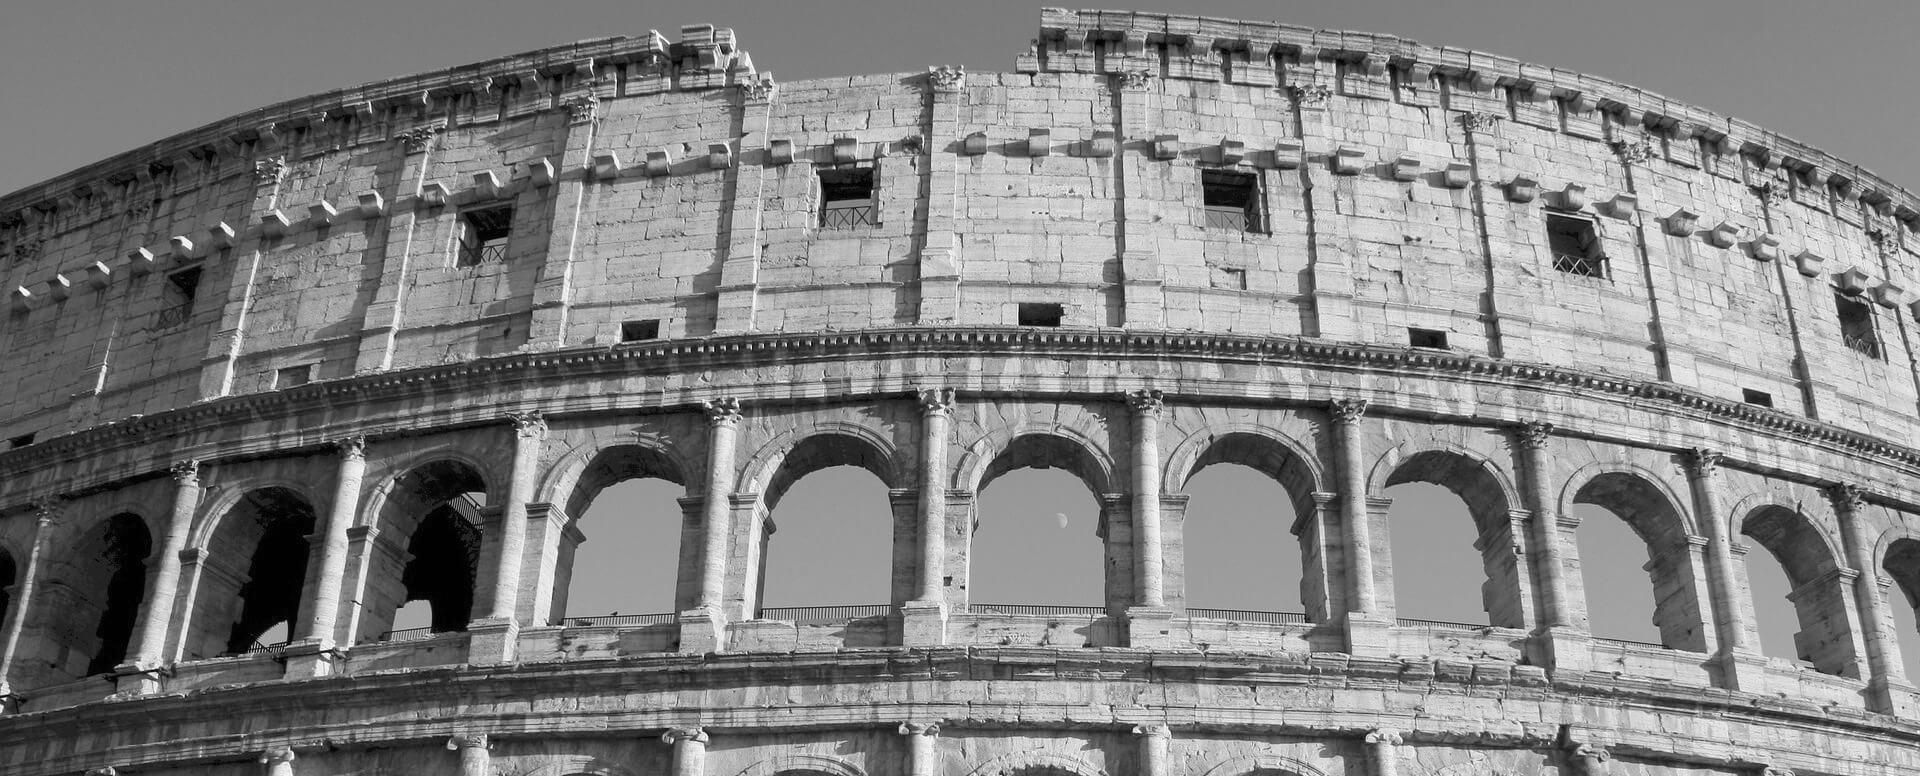 History of Italy - Italy